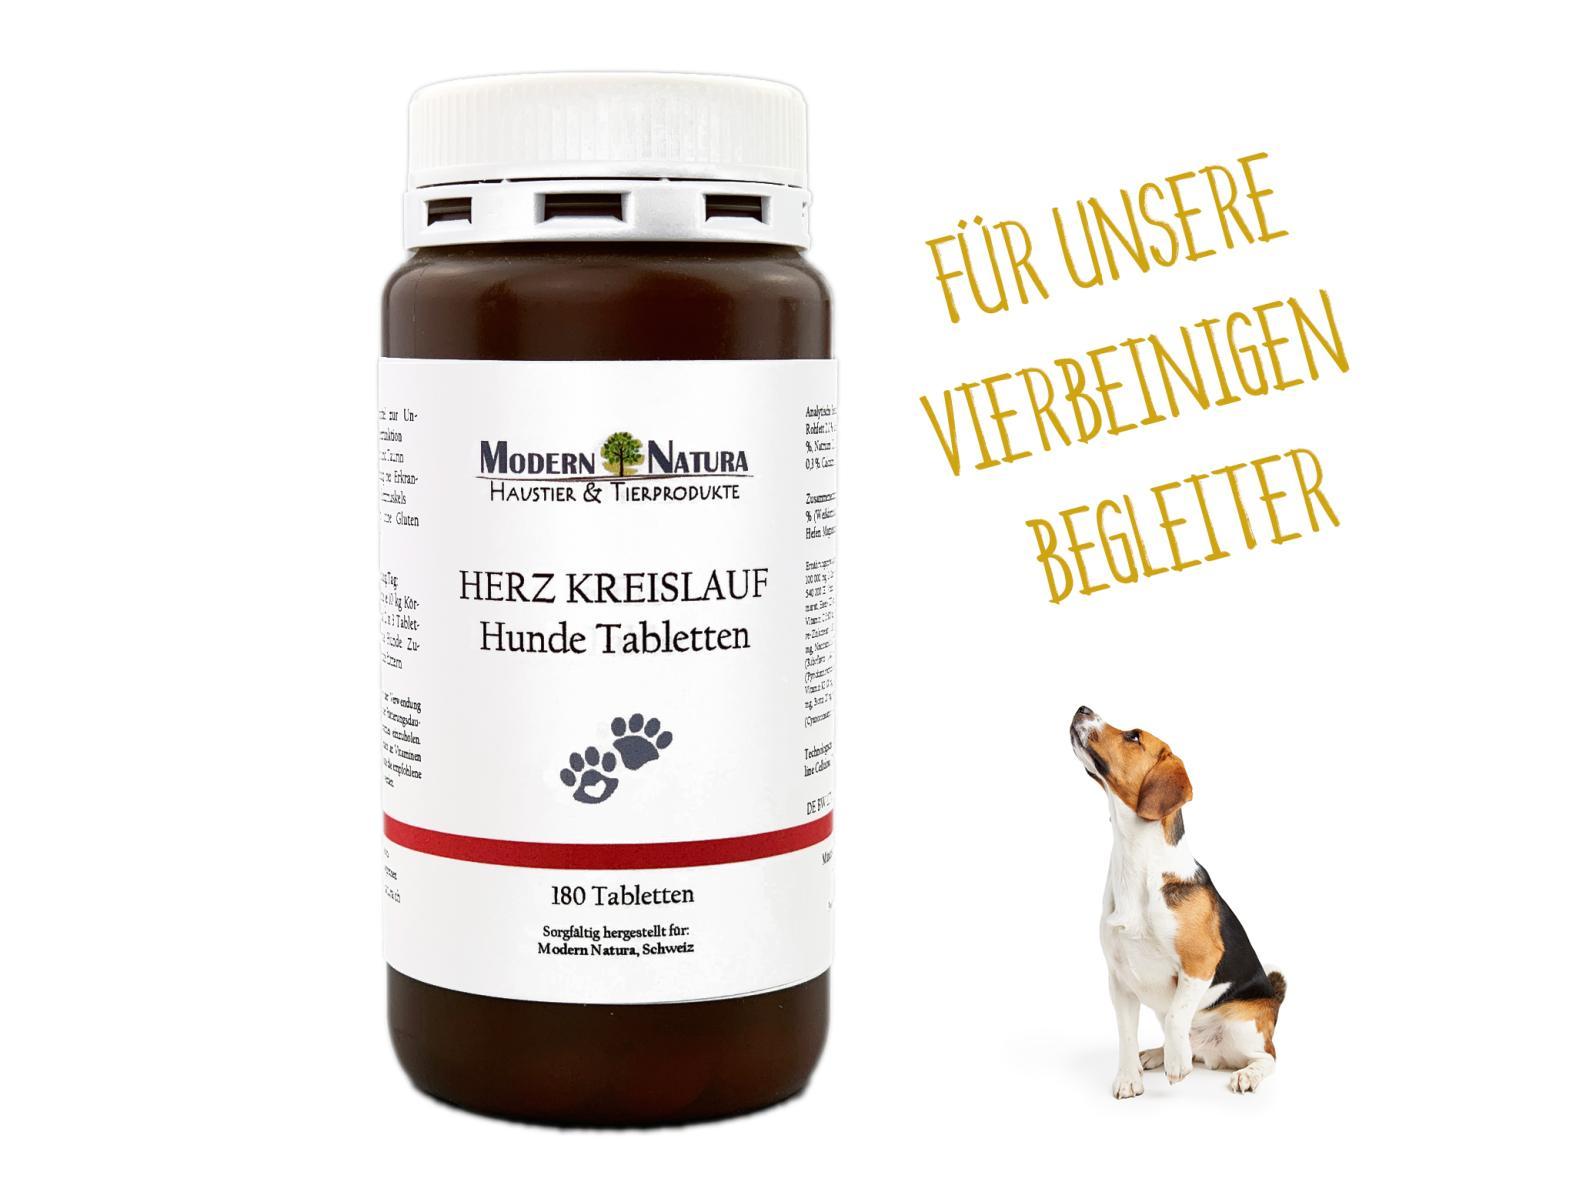 Herz - Kreislauf Hunde Tabletten (180 Stück) - Für ein starkes gesundes Hundeherz